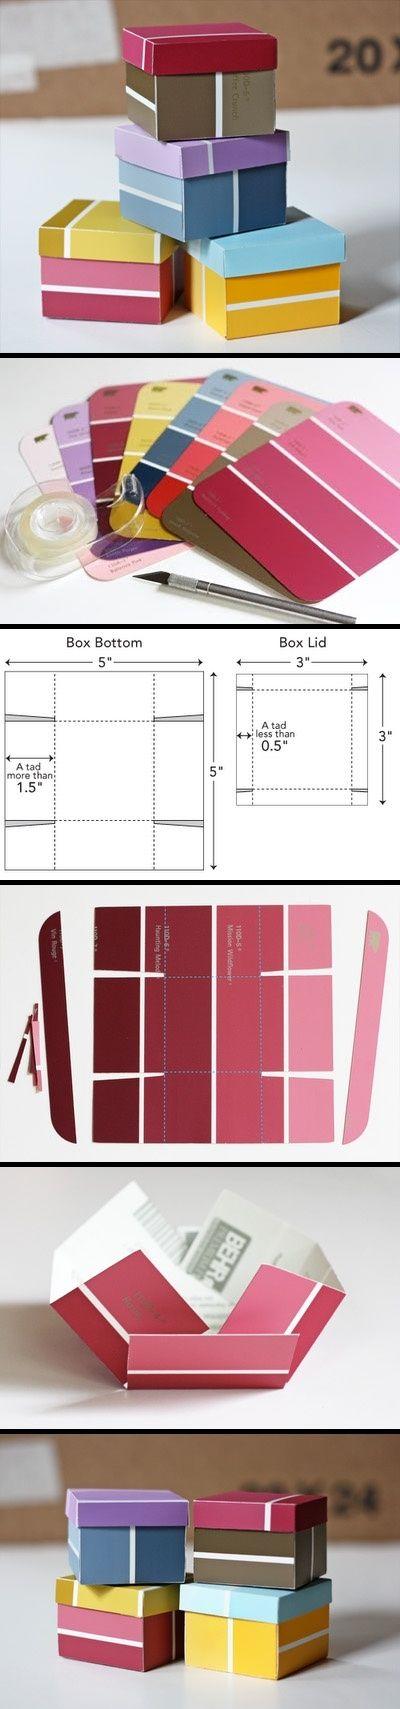 Schöne Schachteln by Rosine